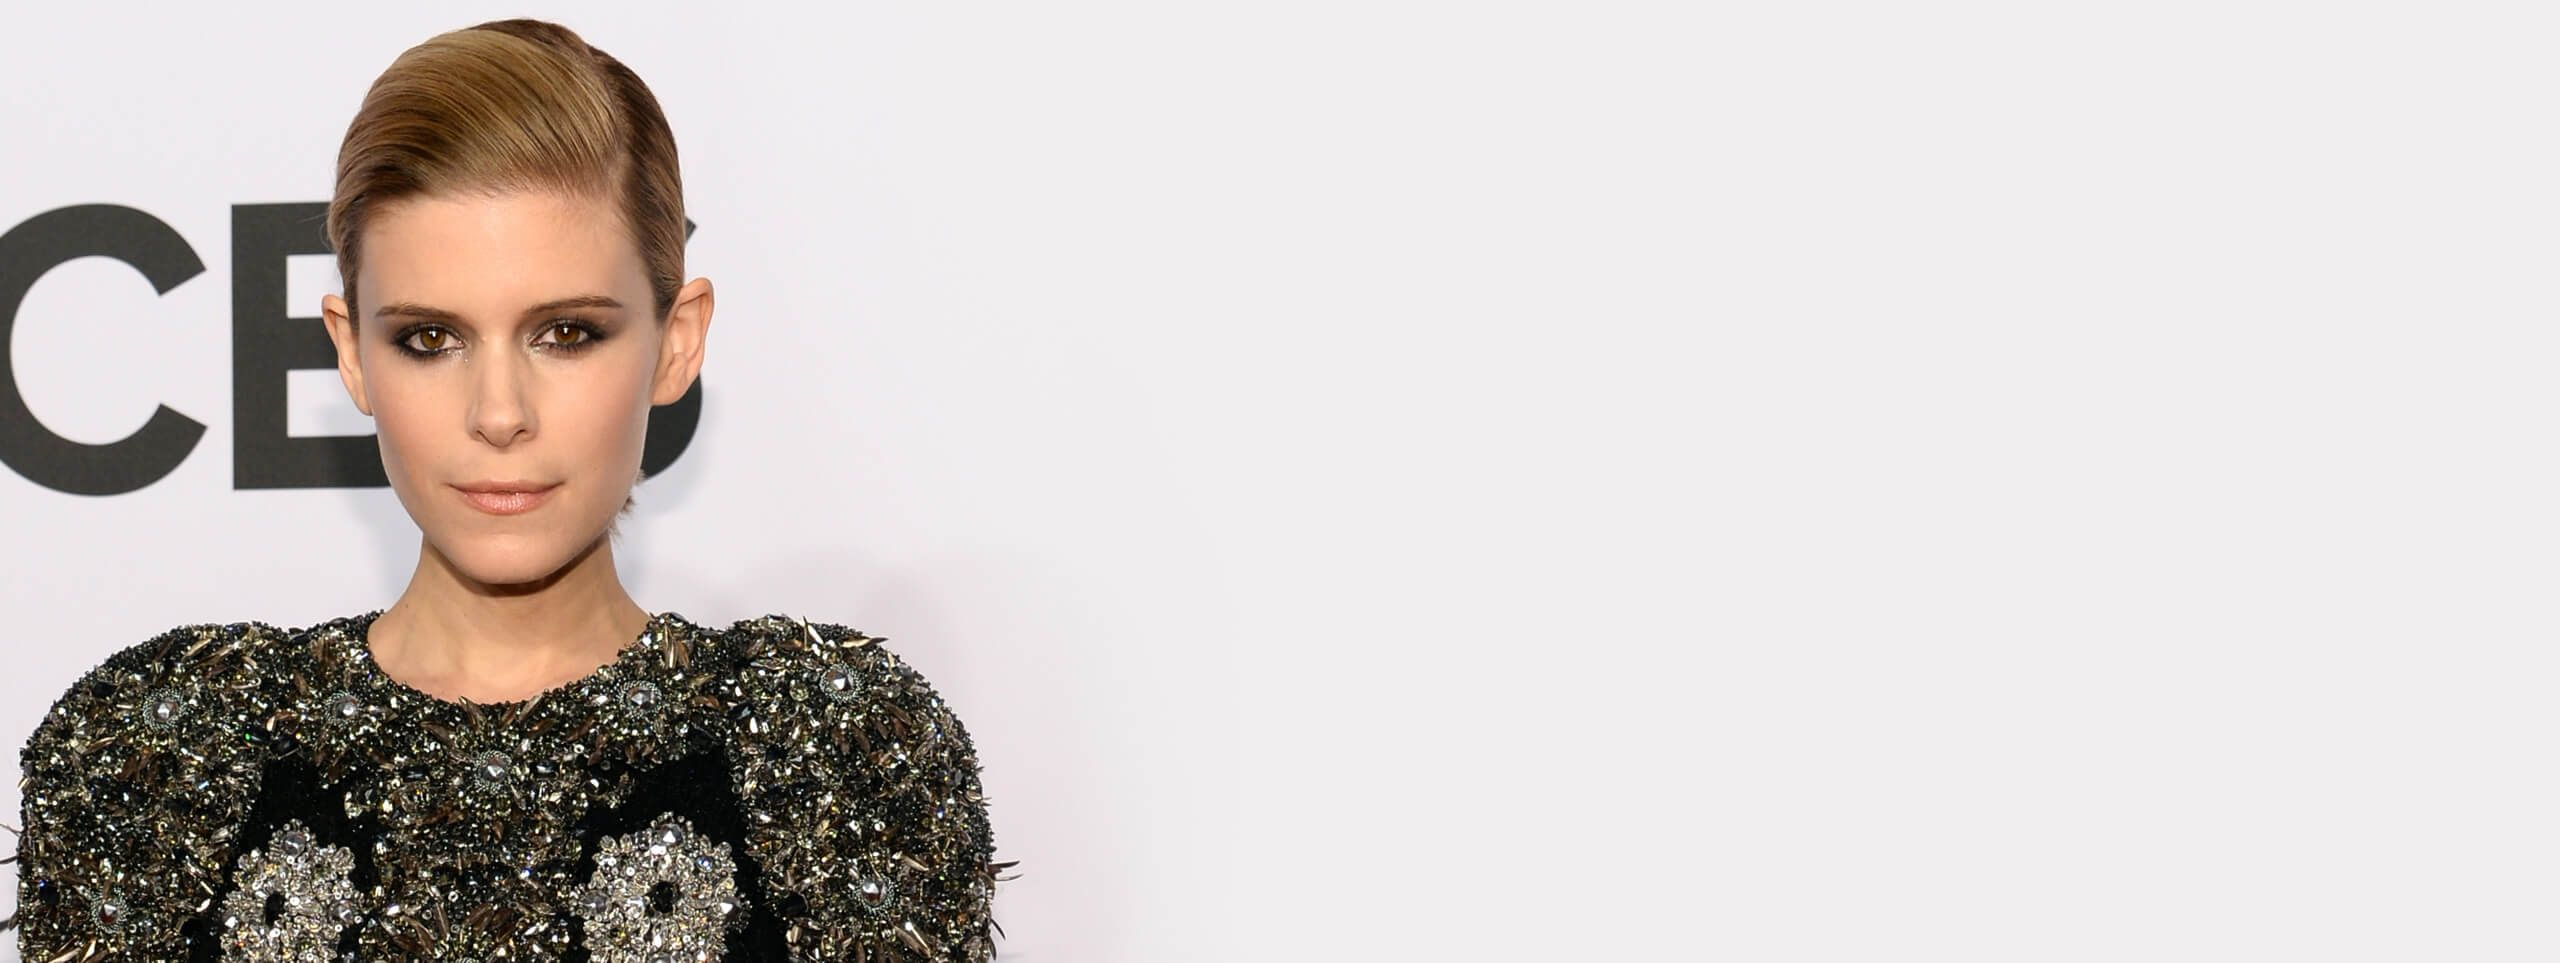 Kate Mara acconciatura da festa capelli castani raccolti indietro